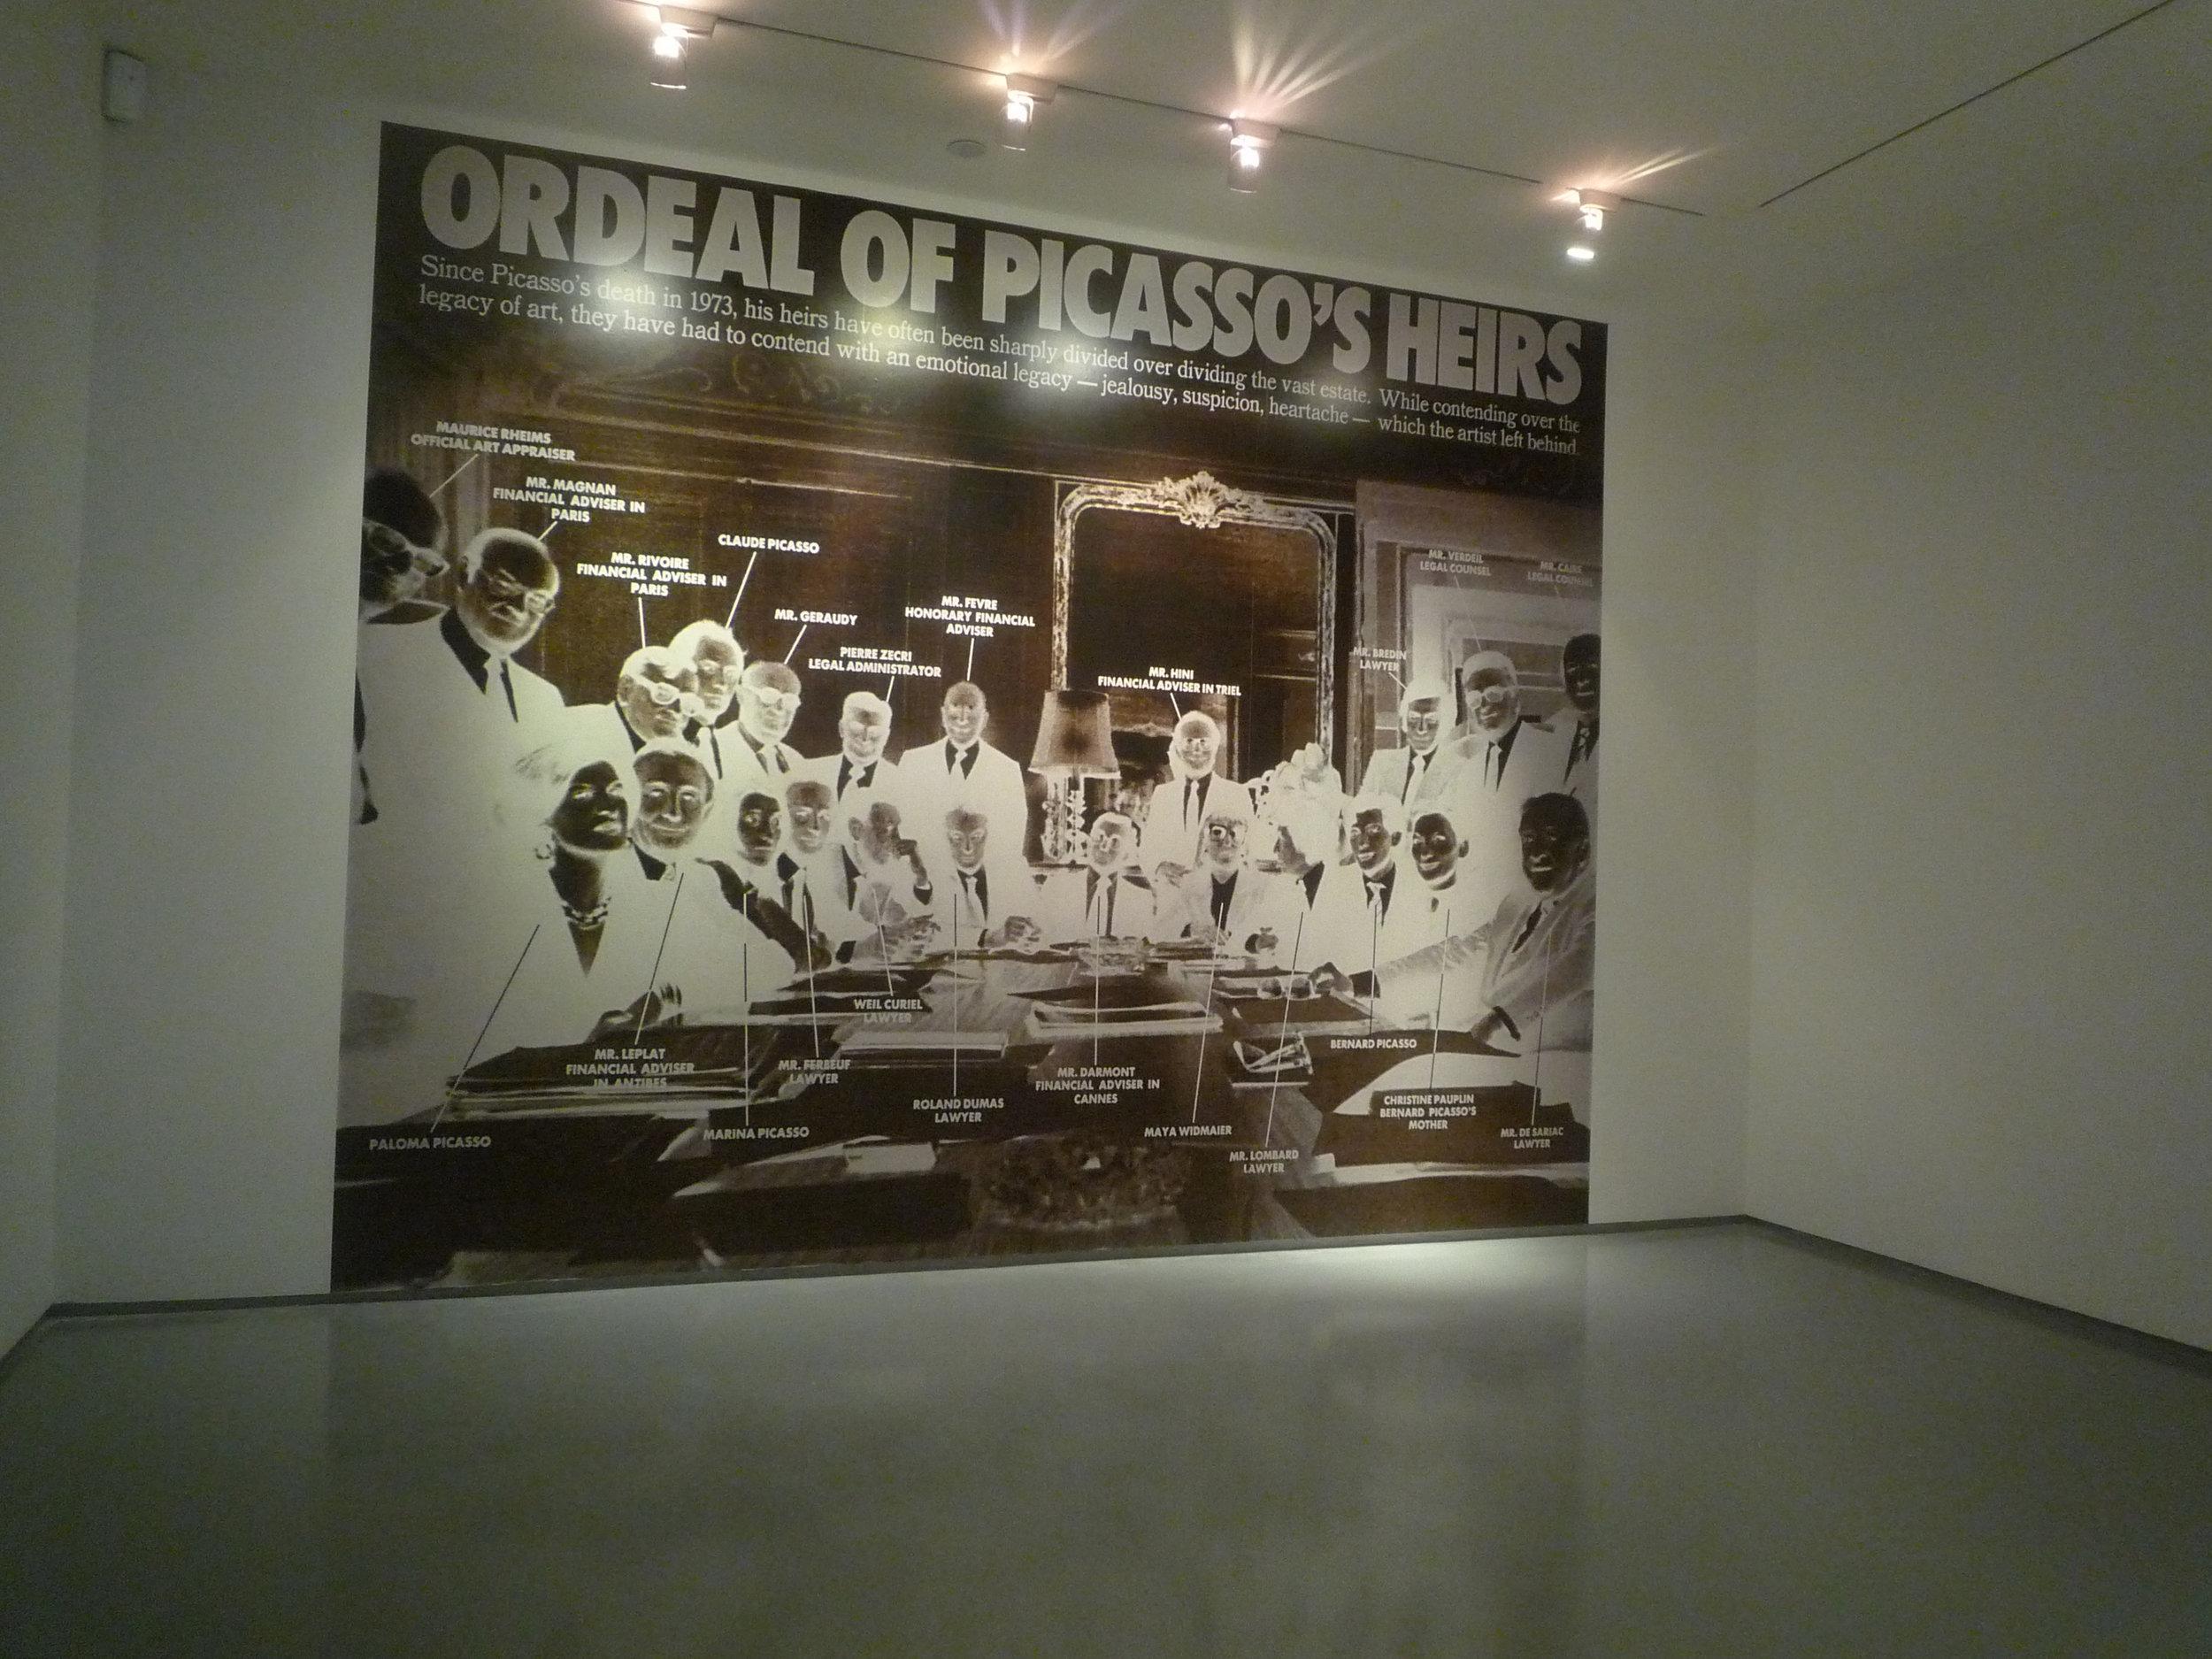 Muntadas, Ordeal of Picasso's Heirs, 2012